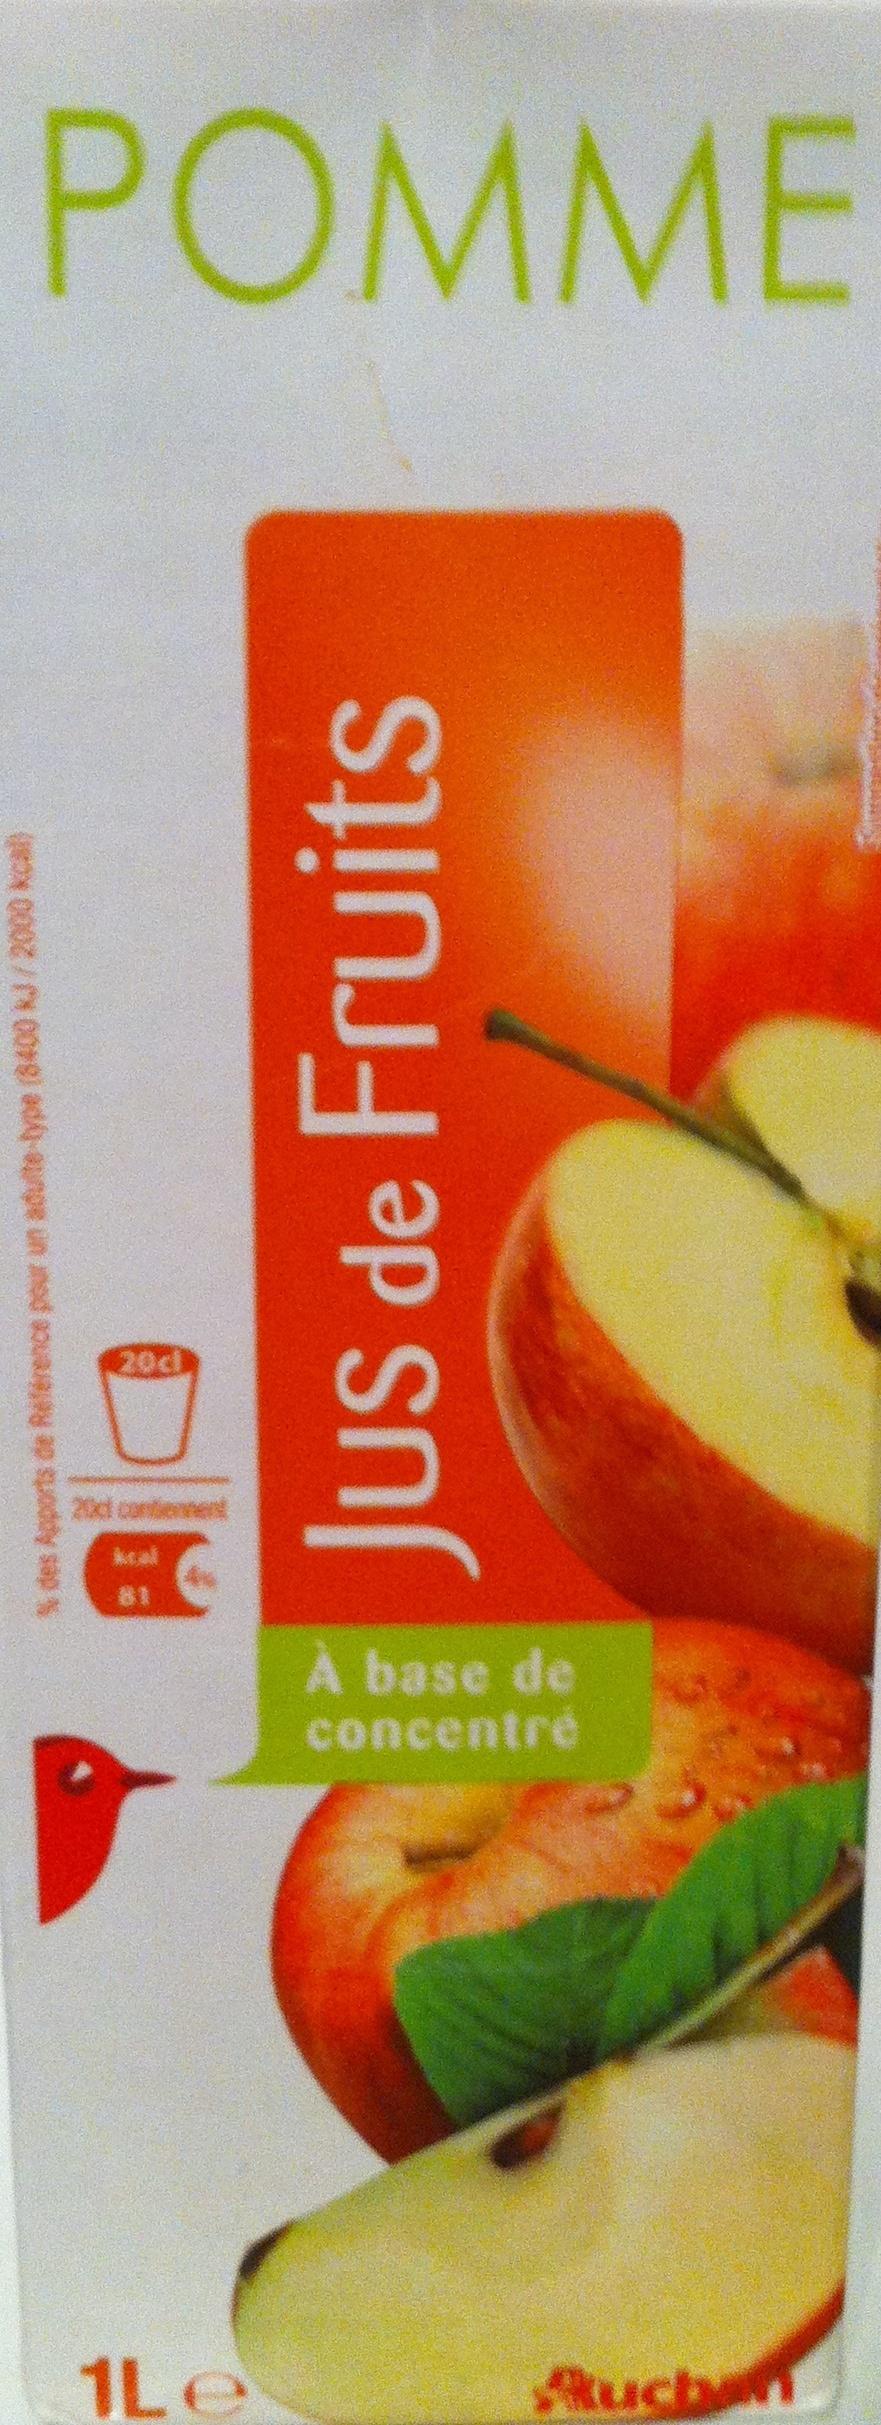 Jus de pomme à base de concentré - Product